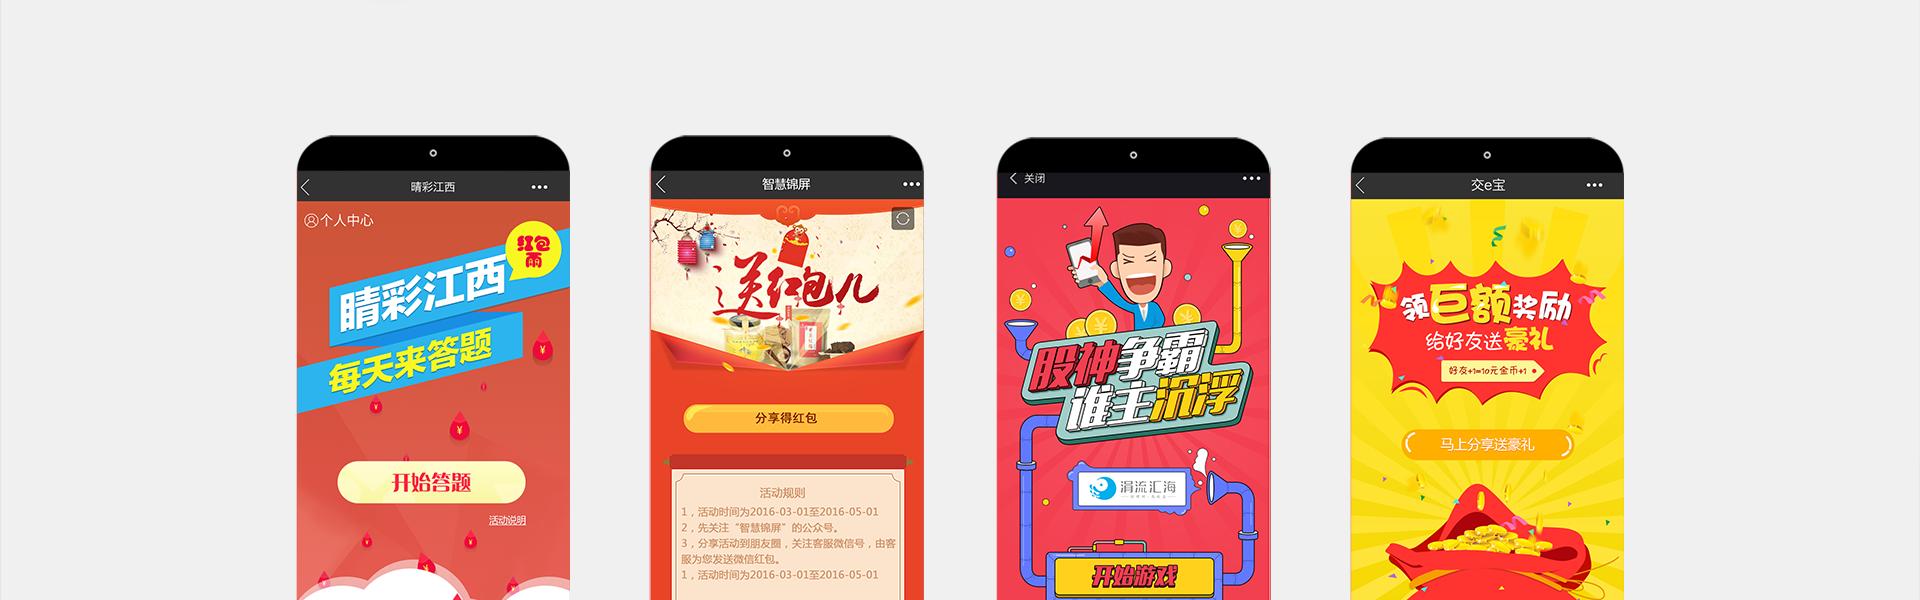 猪八戒网优合一众网站_08.png